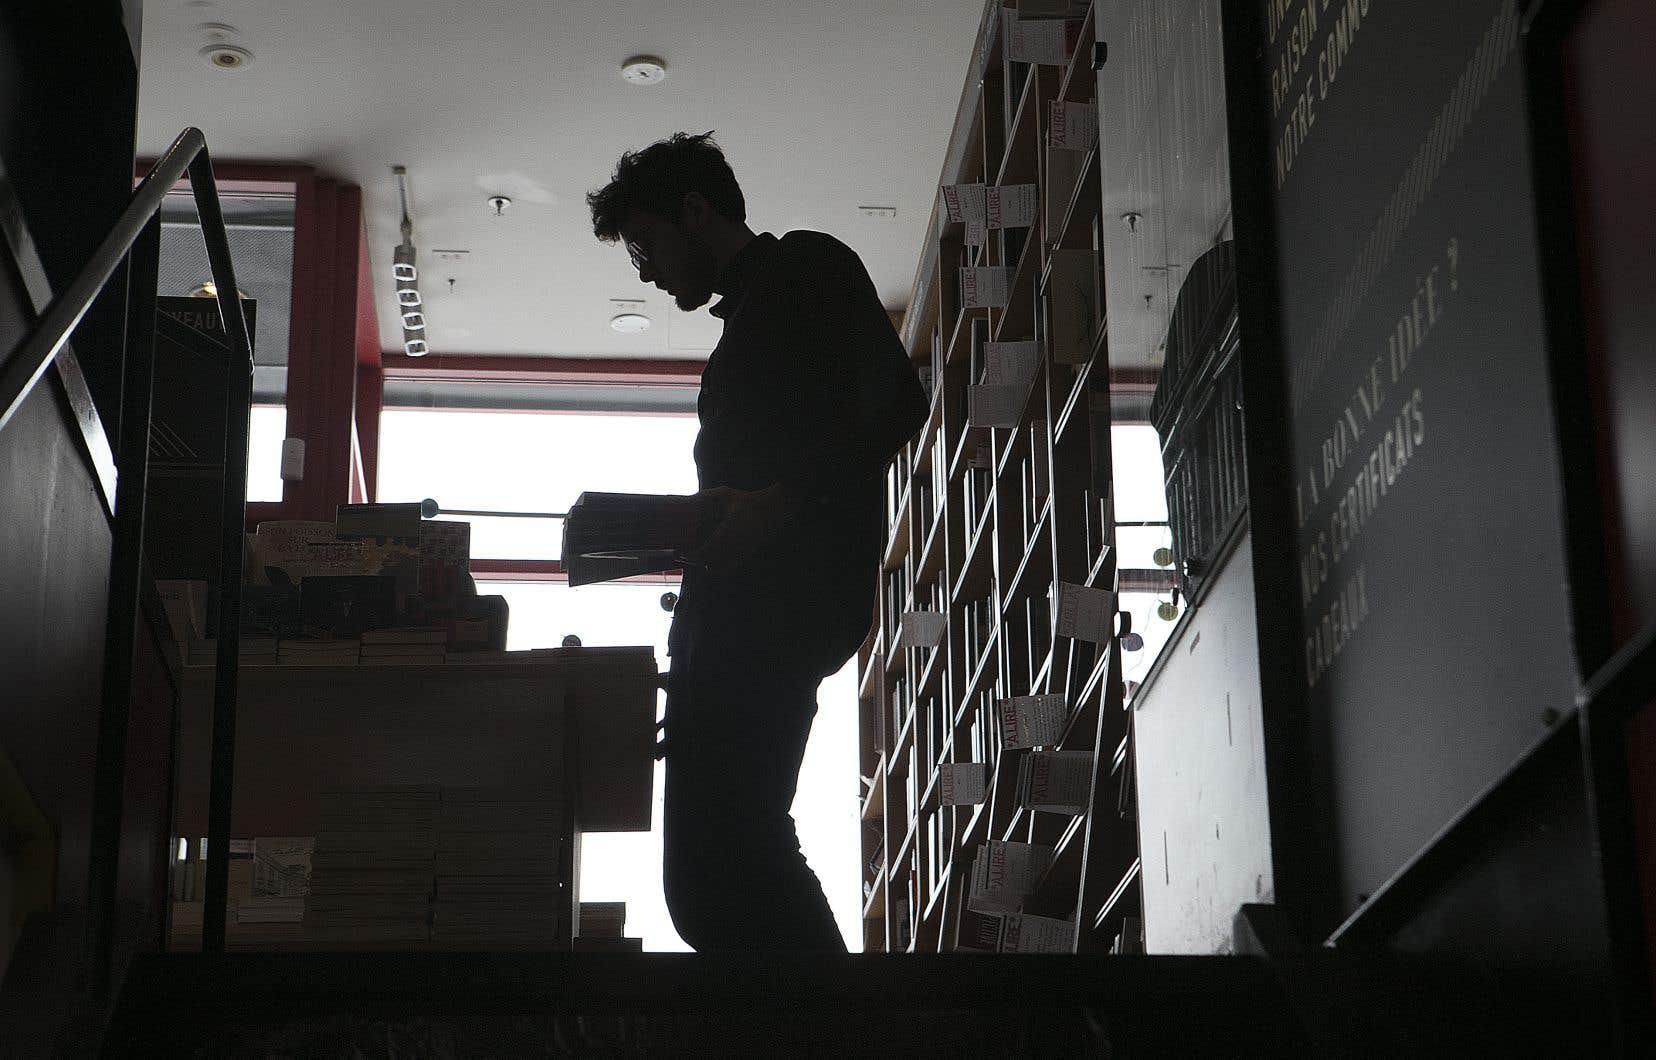 Au total, le domaine de la distribution du livre compte quelque 800 emplois.